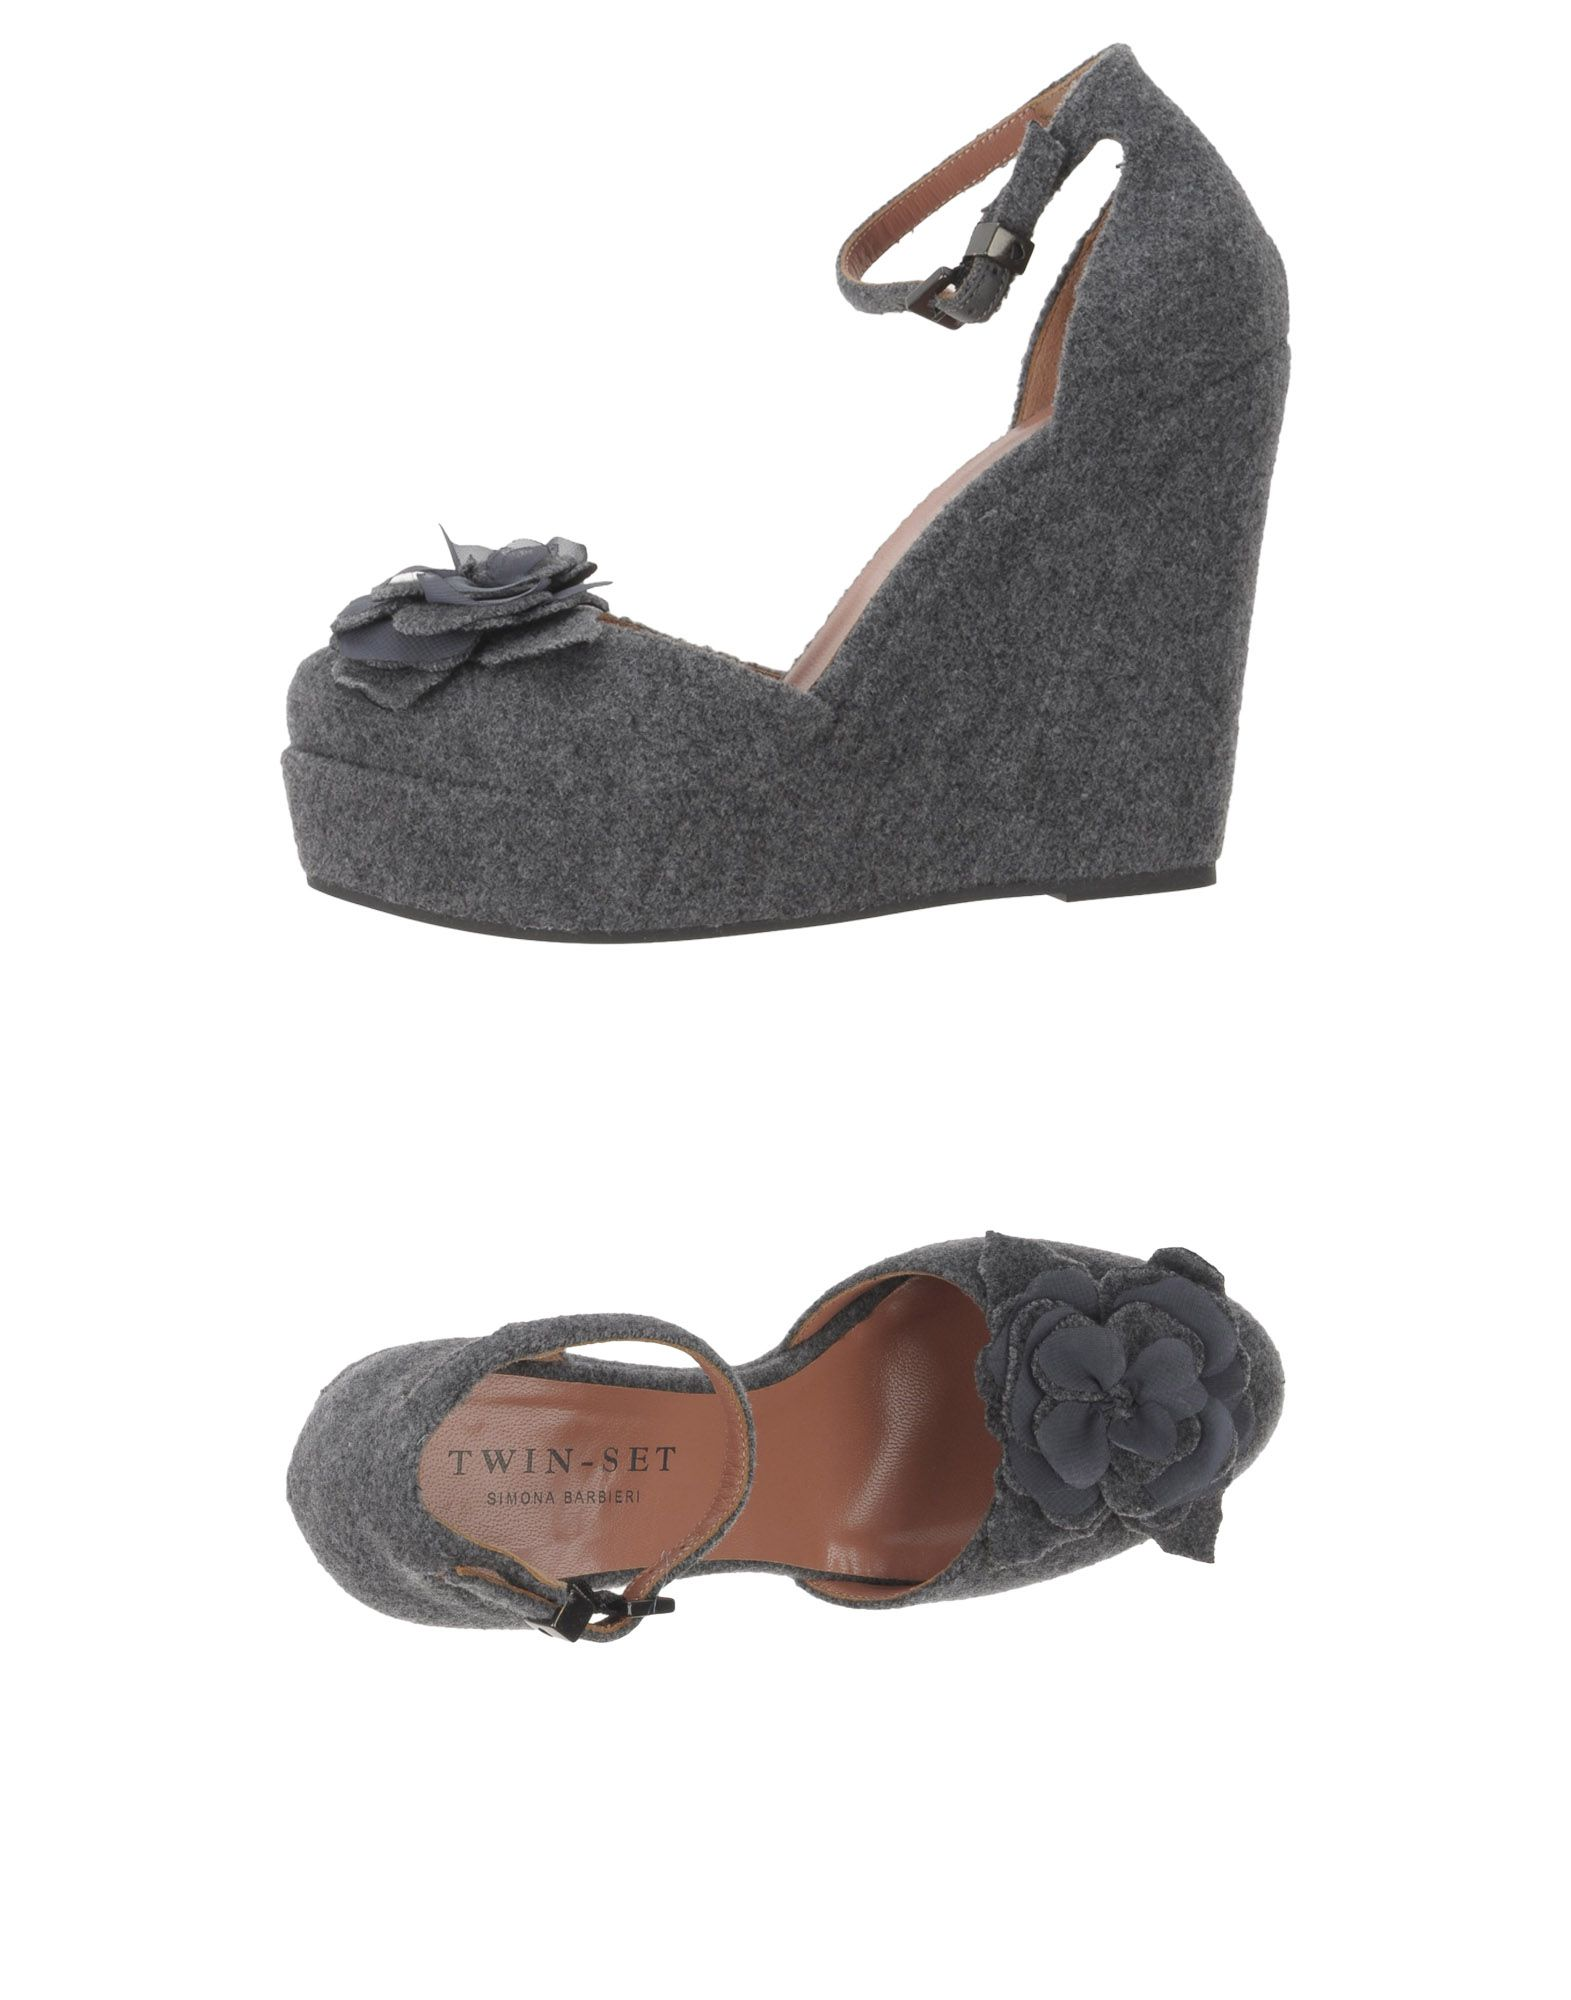 TWIN-SET Simona Barbieri Damen Pumps Farbe Grau Größe 15